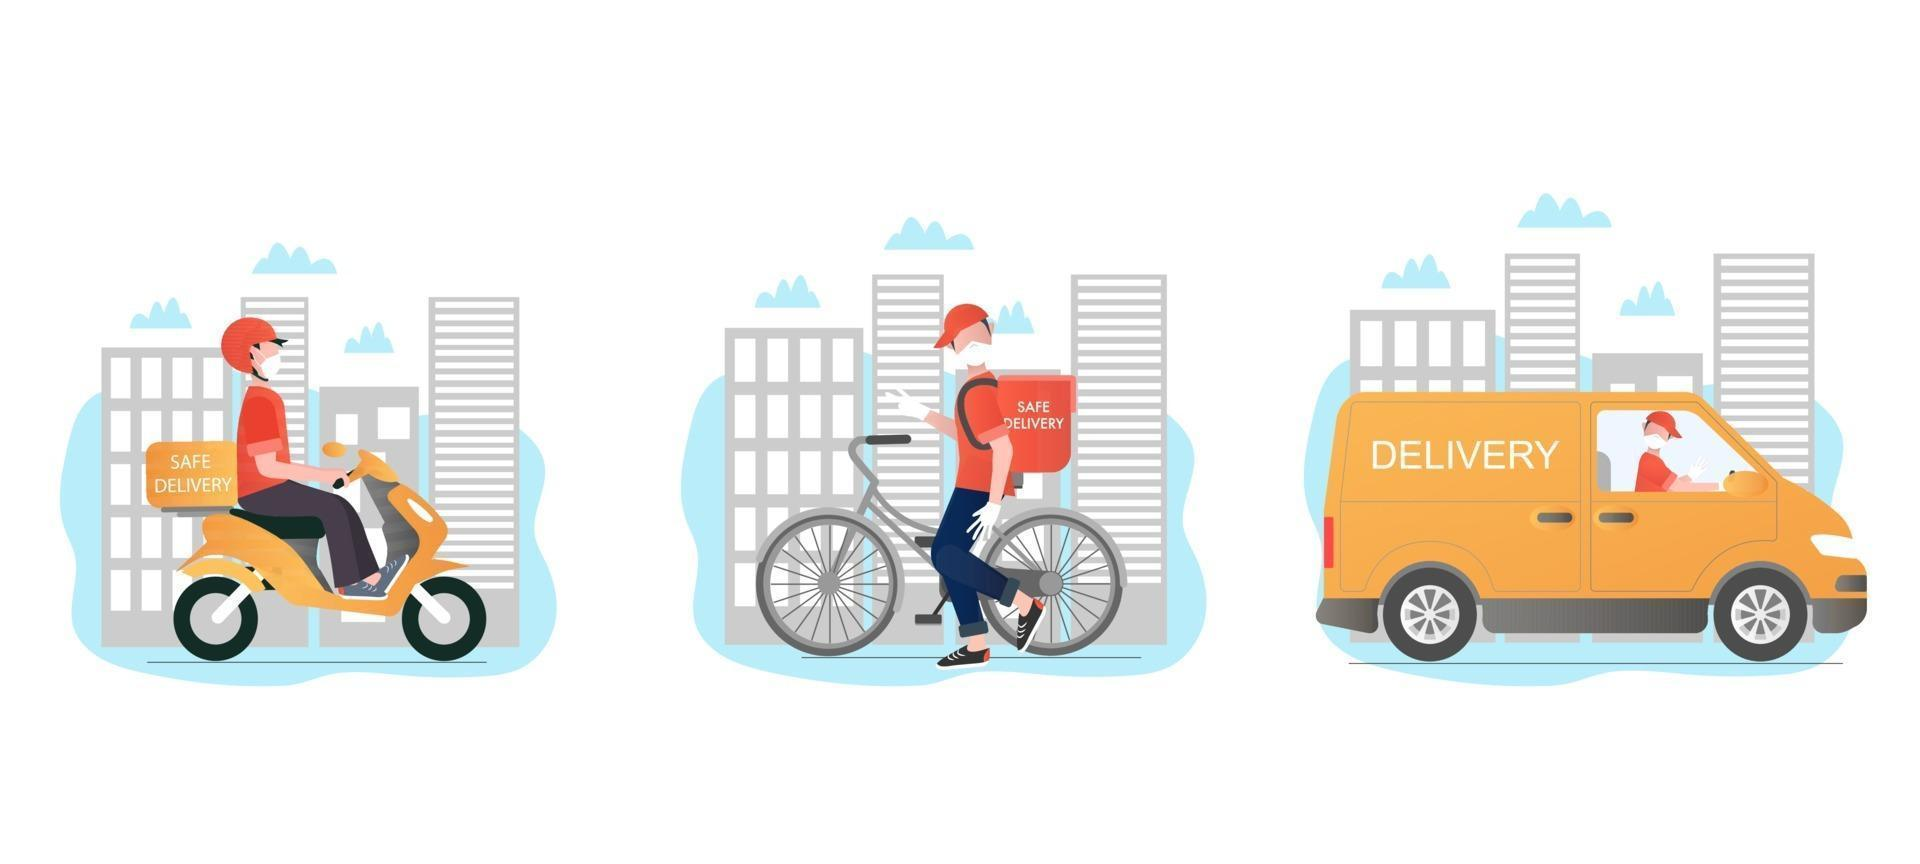 säker leverans vektor uppsättning. säker leverans med olika typer av transporter. leverans män med masker och handskar. säker, kontaktlös matleverans hem och kontor.